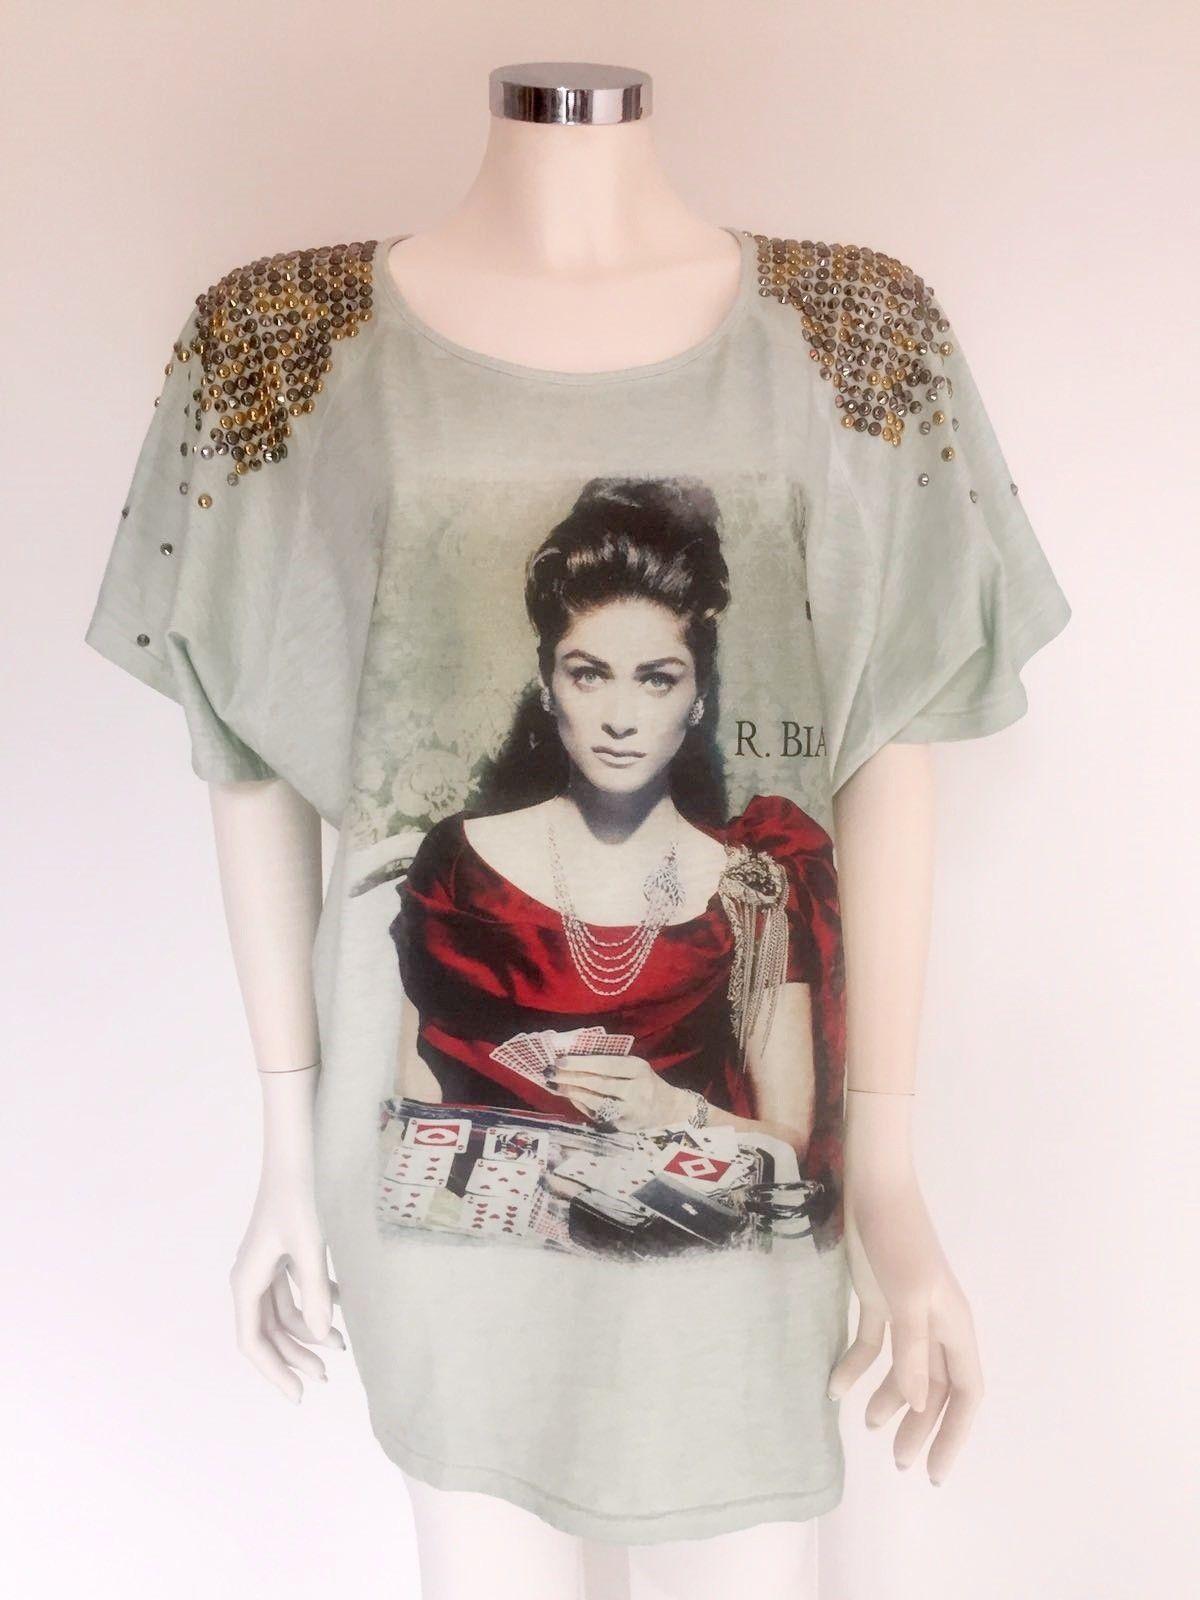 buy online 0b9f8 b46bd T-Shirt Roberta Biagi Over lunga a mezzamanica stampa con borchie e  Swarovski sulla spalla Cod.1123